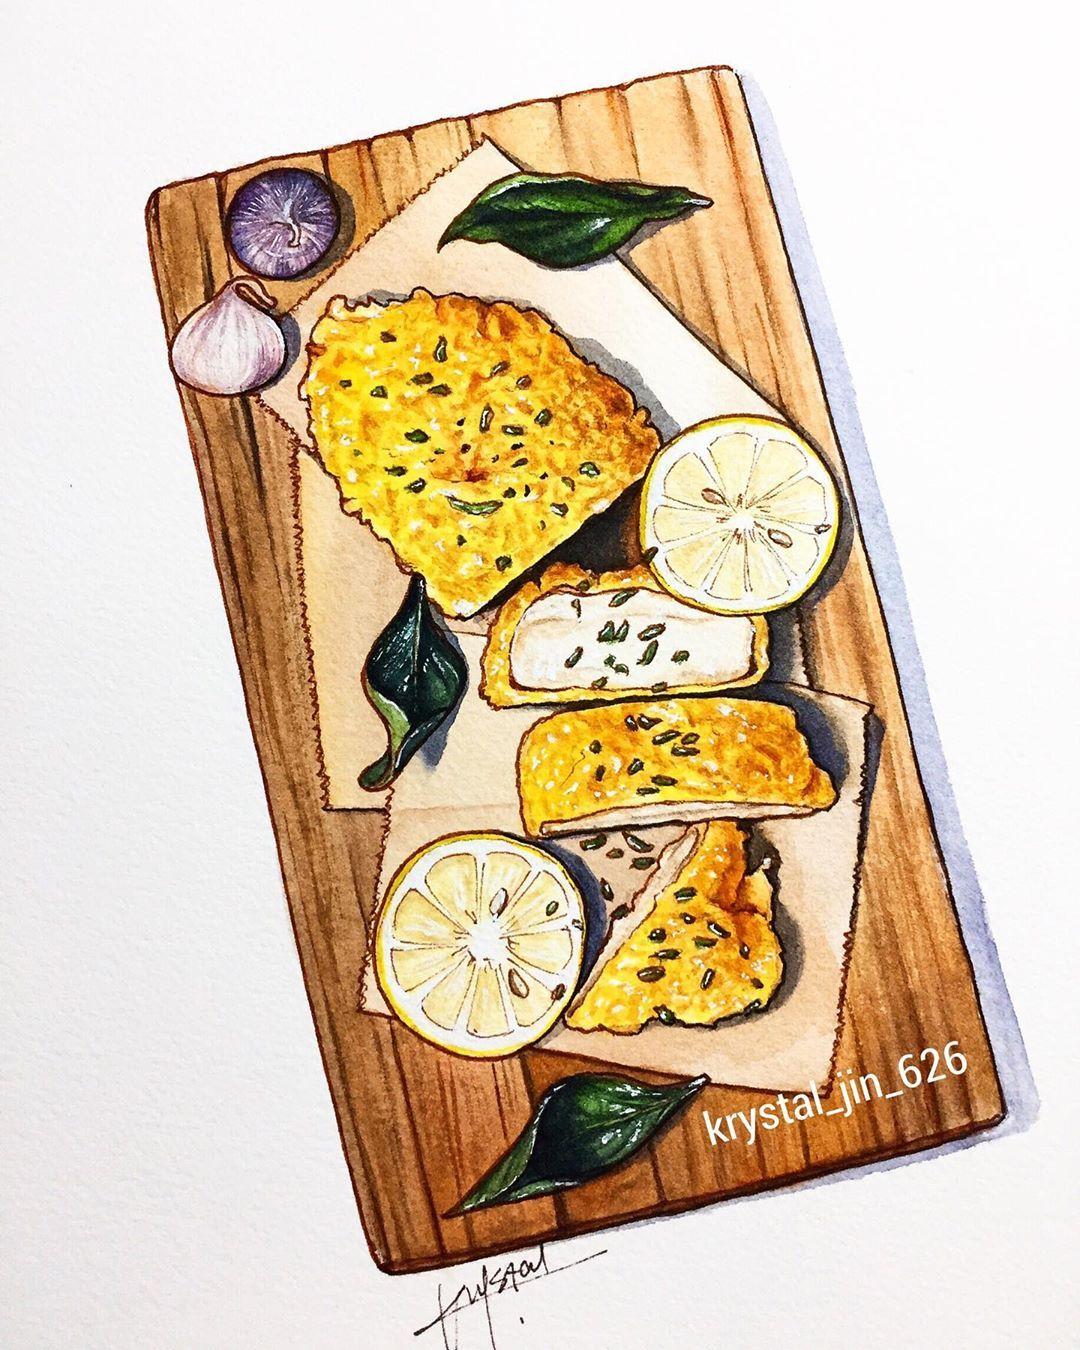 How To Draw Fried Chicken : fried, chicken, Madam, Krystal_jin_626, Recipe, Design,, Illustration, Sketch